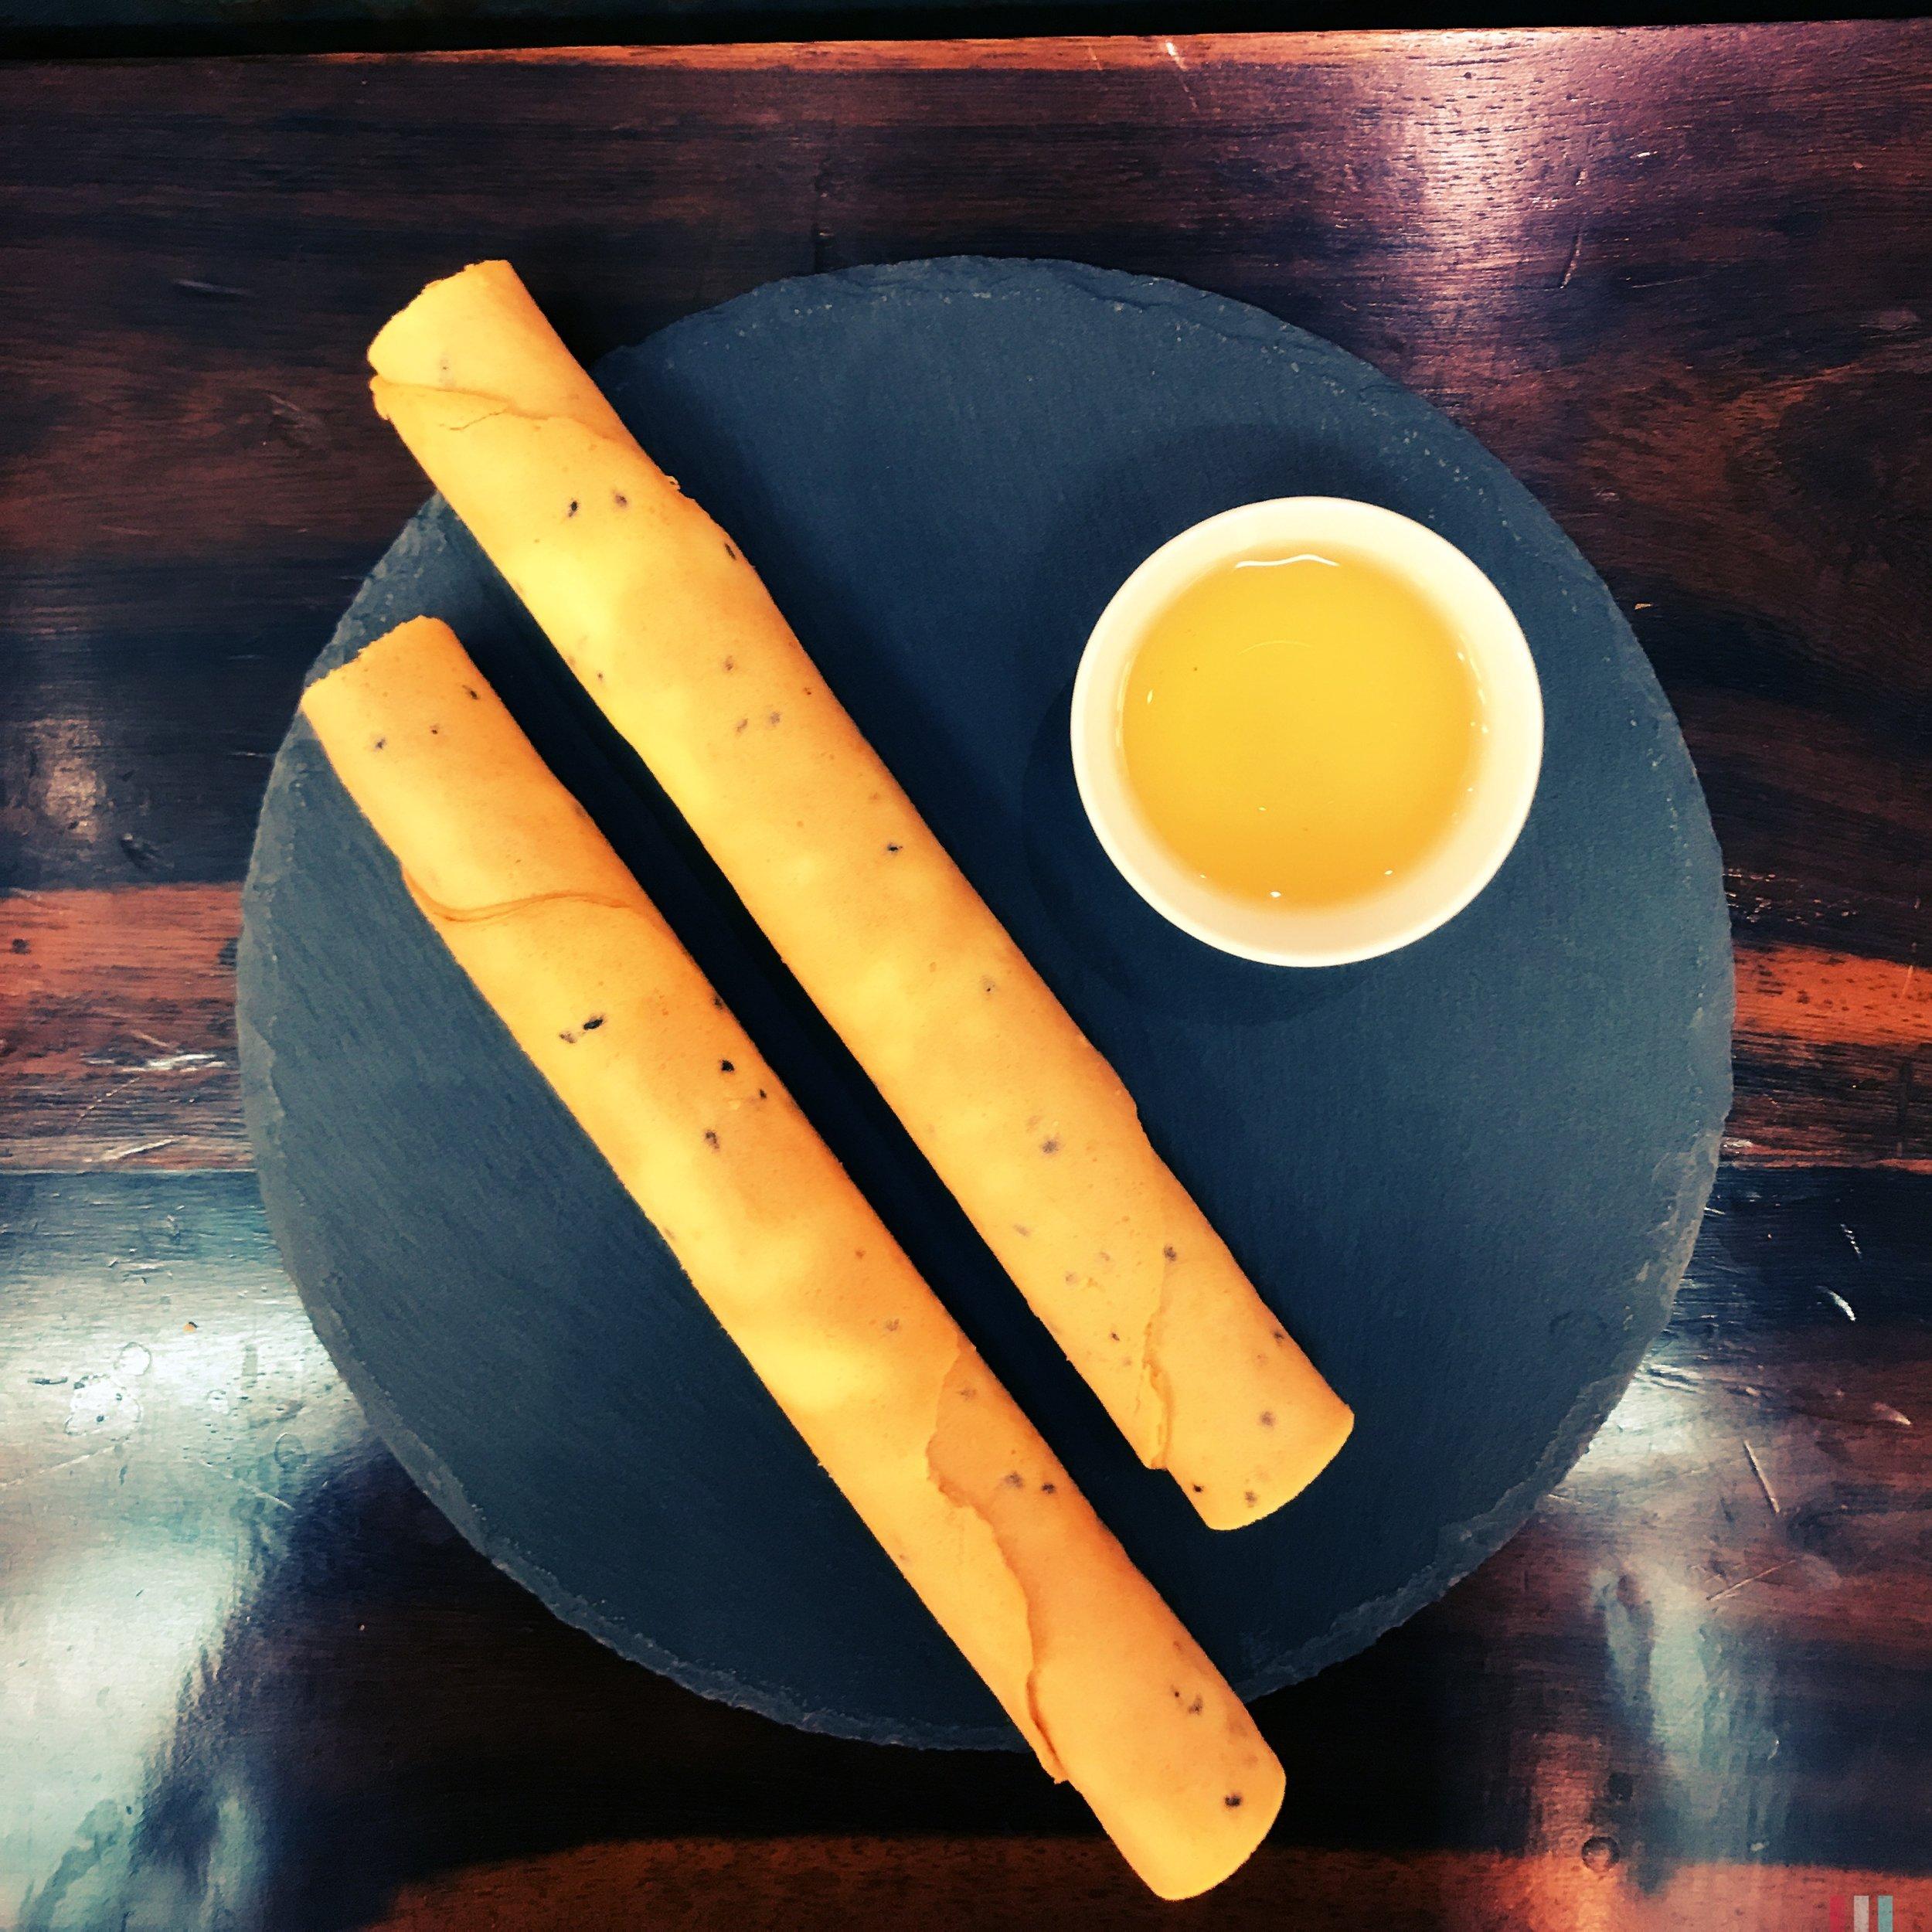 工作累了嗎?美好的 #下午茶 時光,吃個蛋捲,配杯茶,愜意 #afternoontea  #yummy  #有記名茶  #teatime  #takeabreak  #奇種烏龍  #絕配